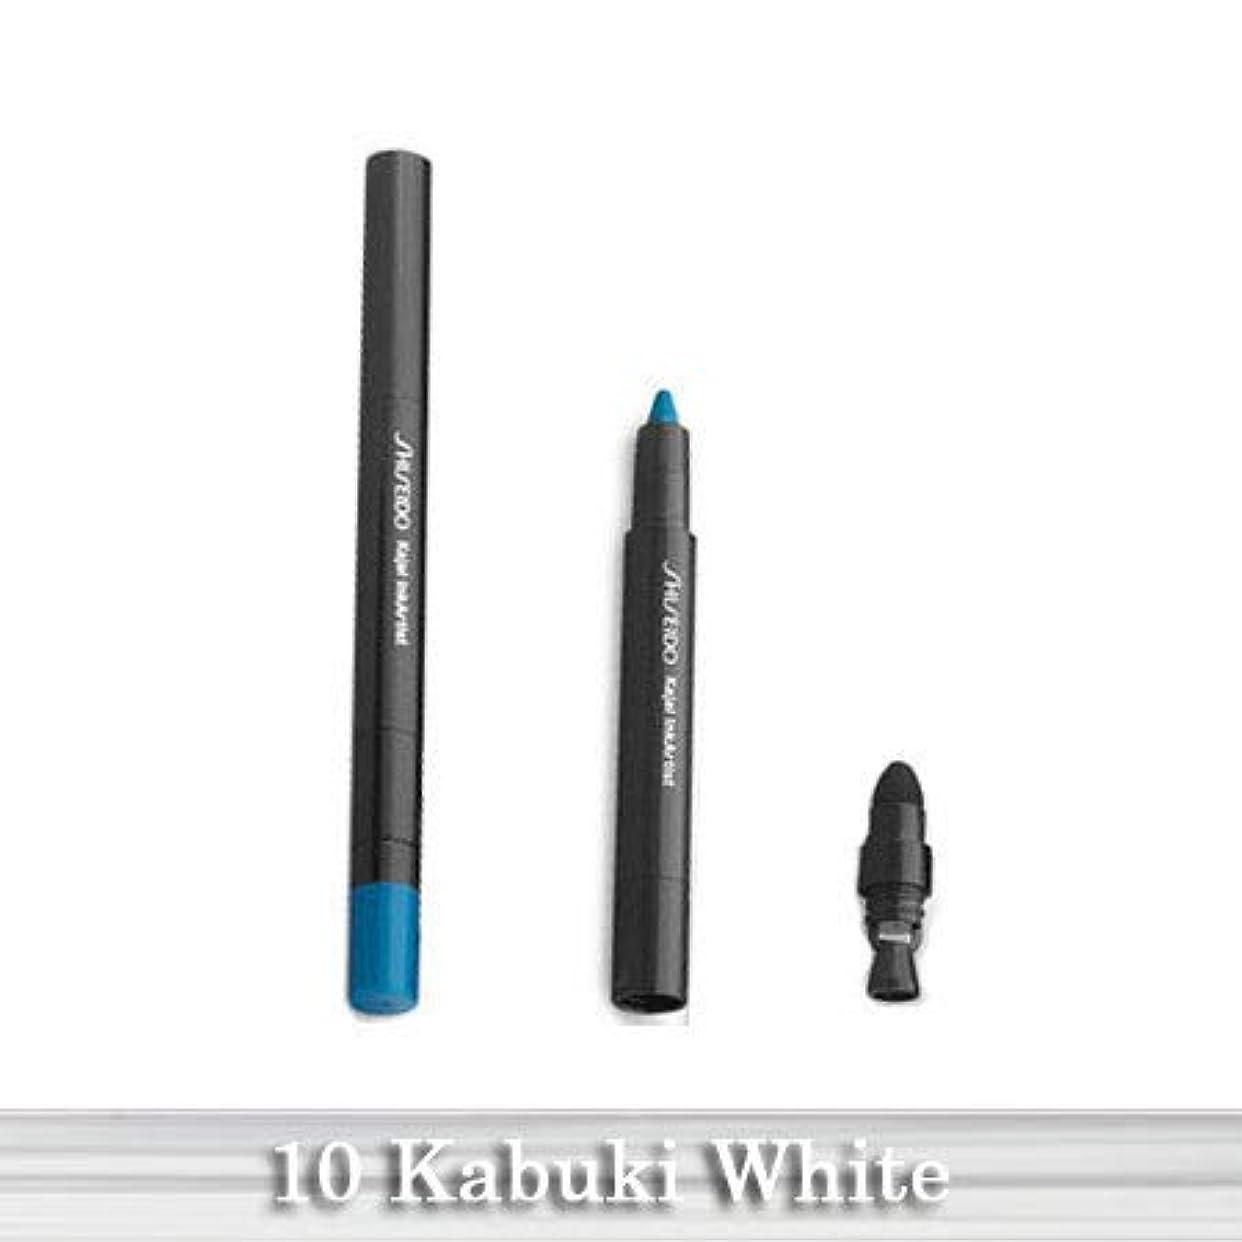 延期する弱い早いSHISEIDO Makeup(資生堂 メーキャップ) SHISEIDO(資生堂) SHISEIDO カジャルインクアーティスト 0.8g (10)